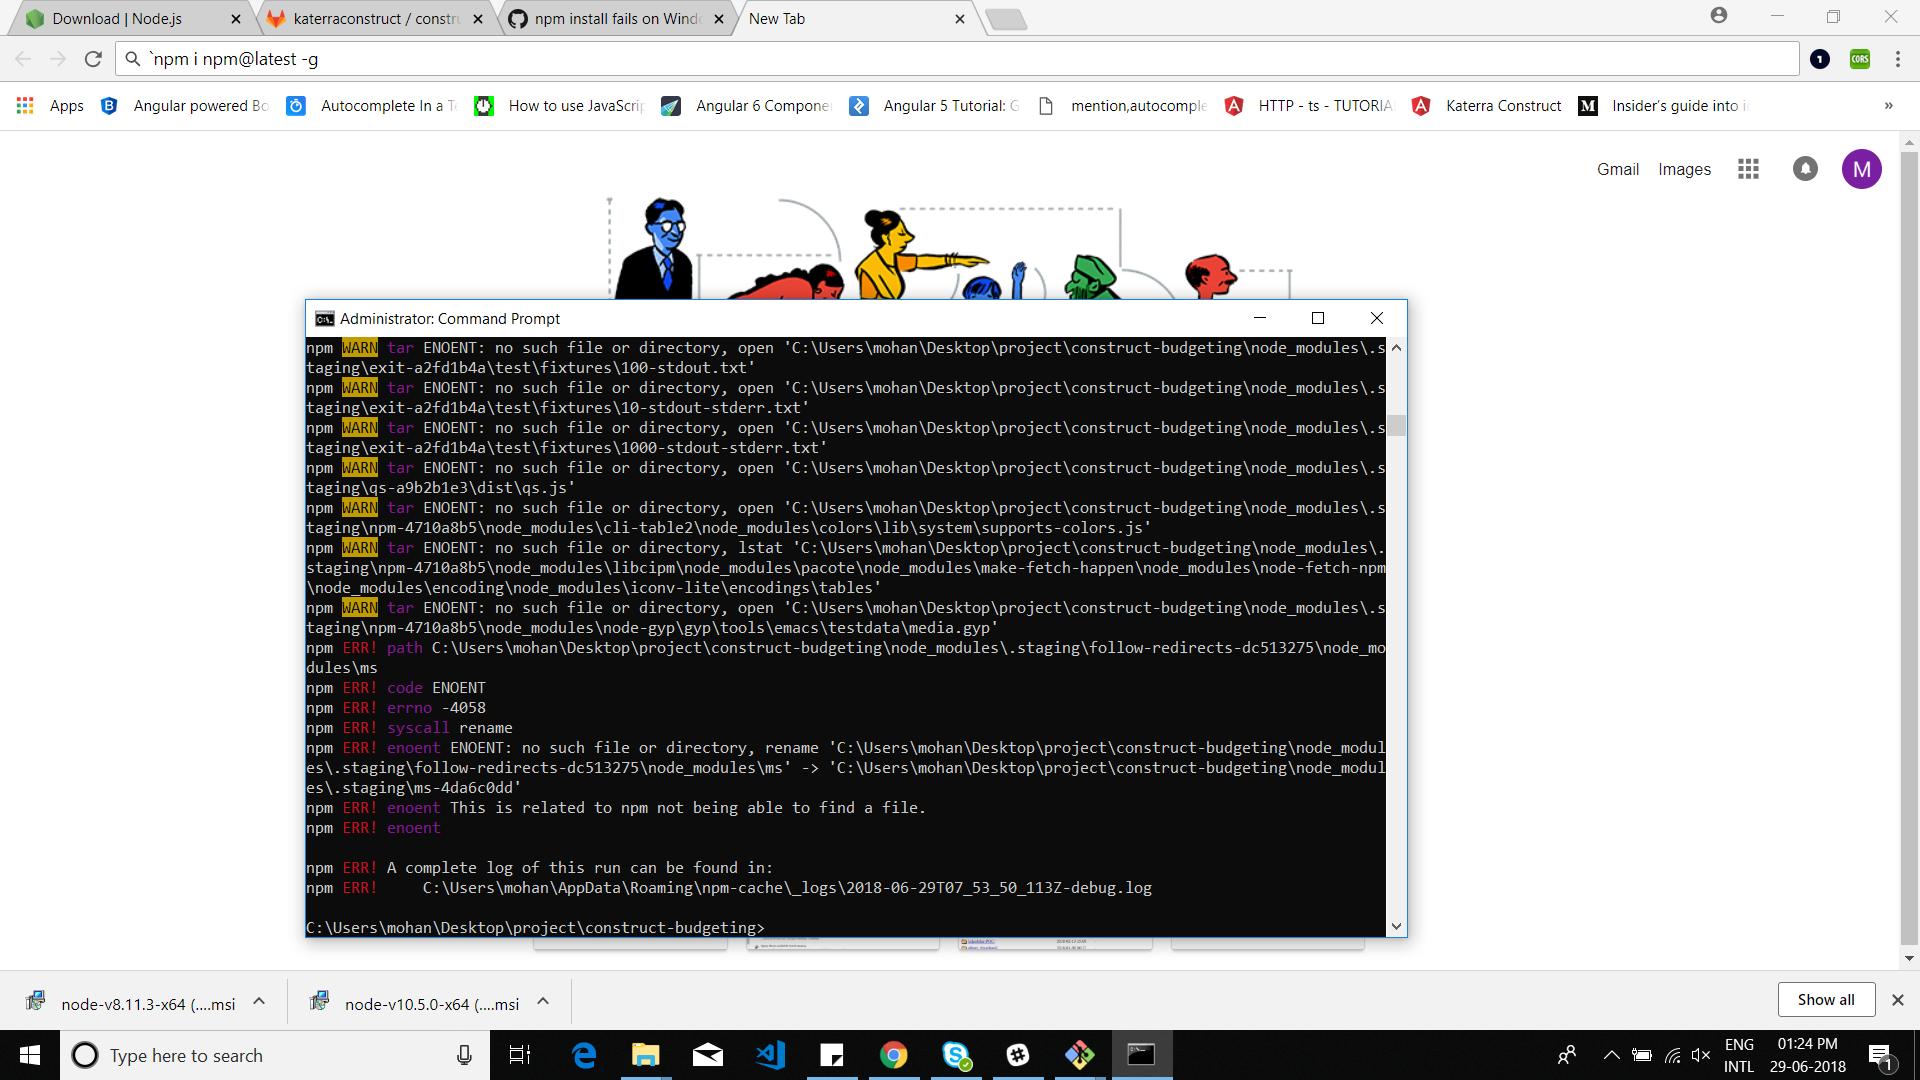 npm is throwing error- npm ERR! code ENOENT